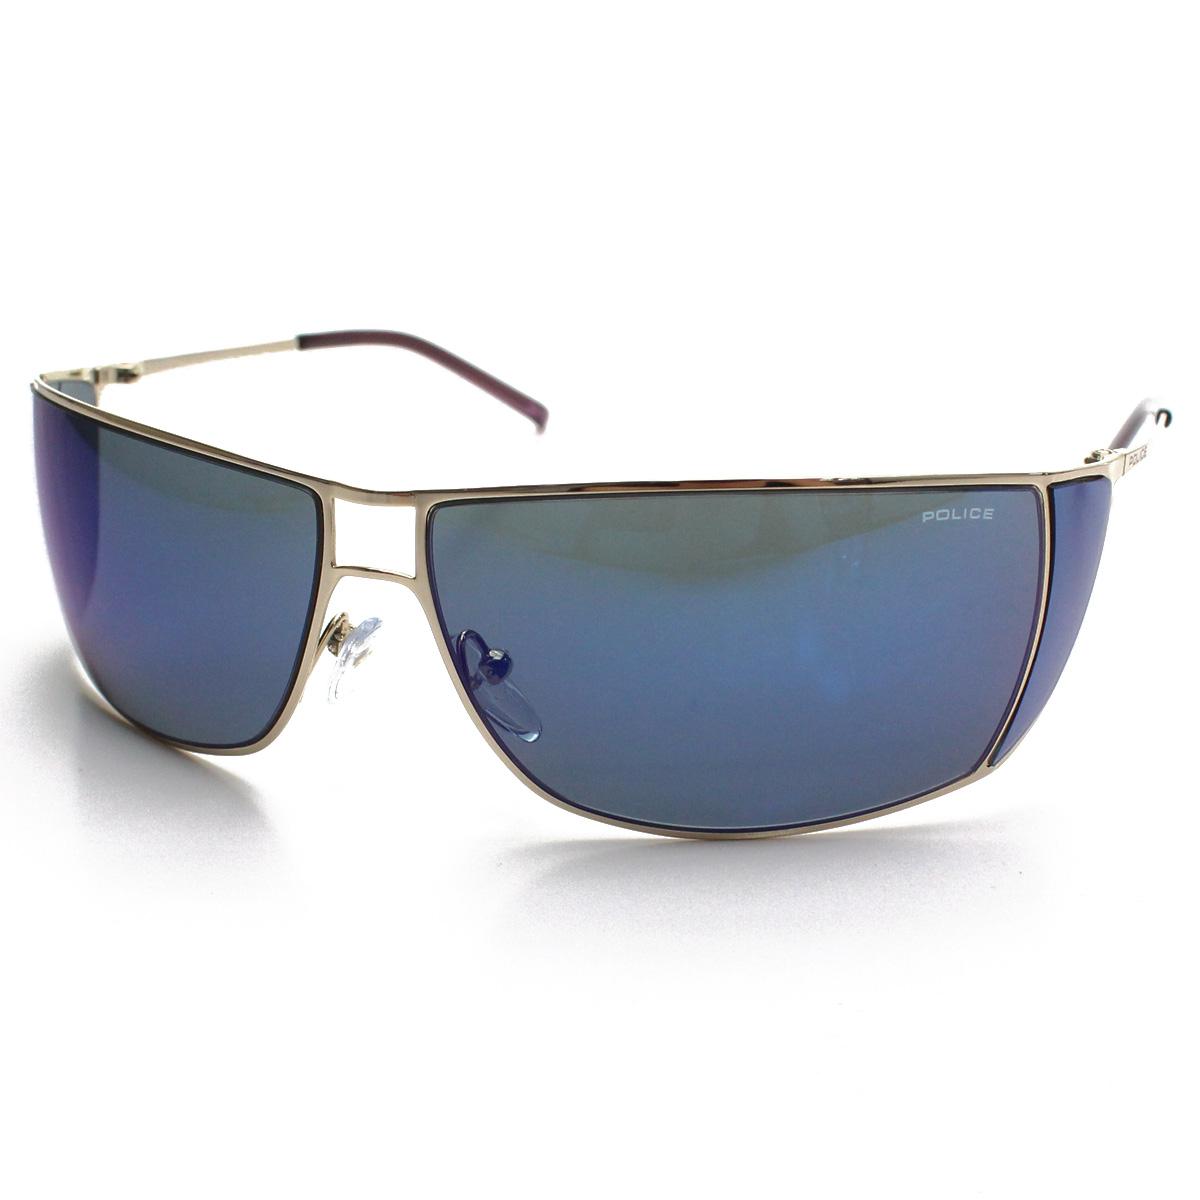 ポリス POLICE サングラス S2819K 300B ブルー系 メンズ  men's